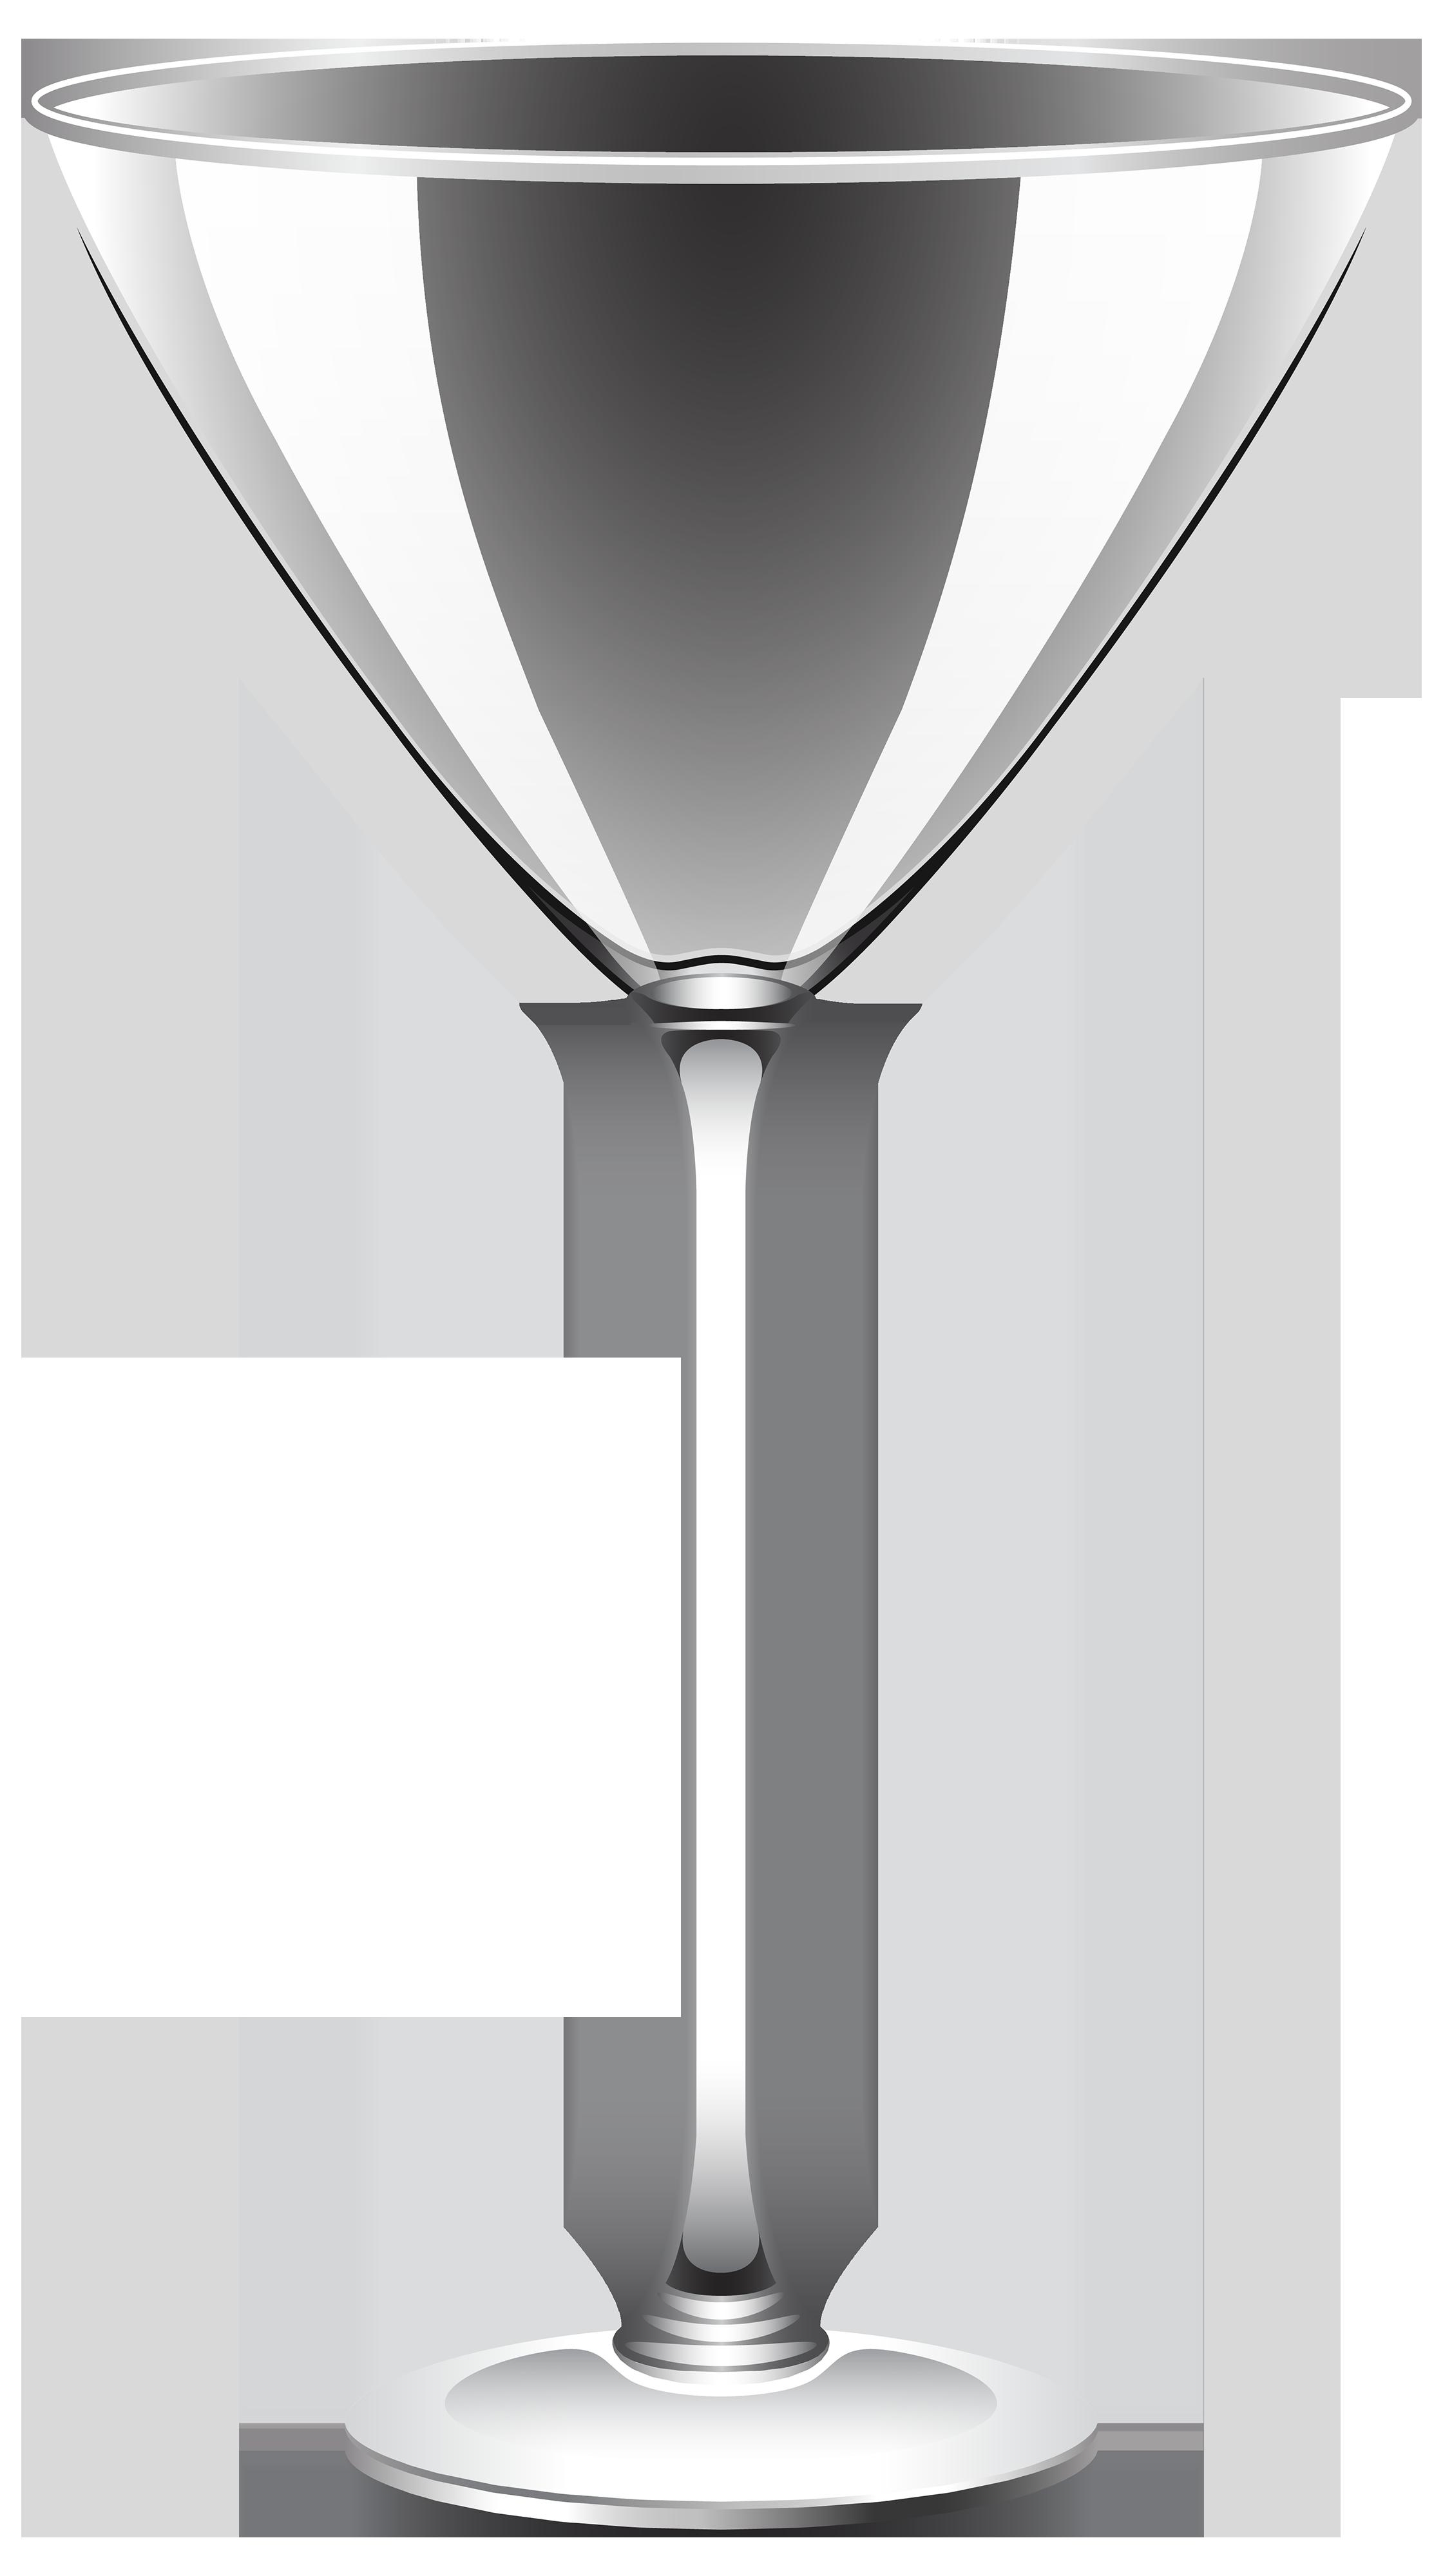 Wodka clipart martini glass Glass vector image glass clip